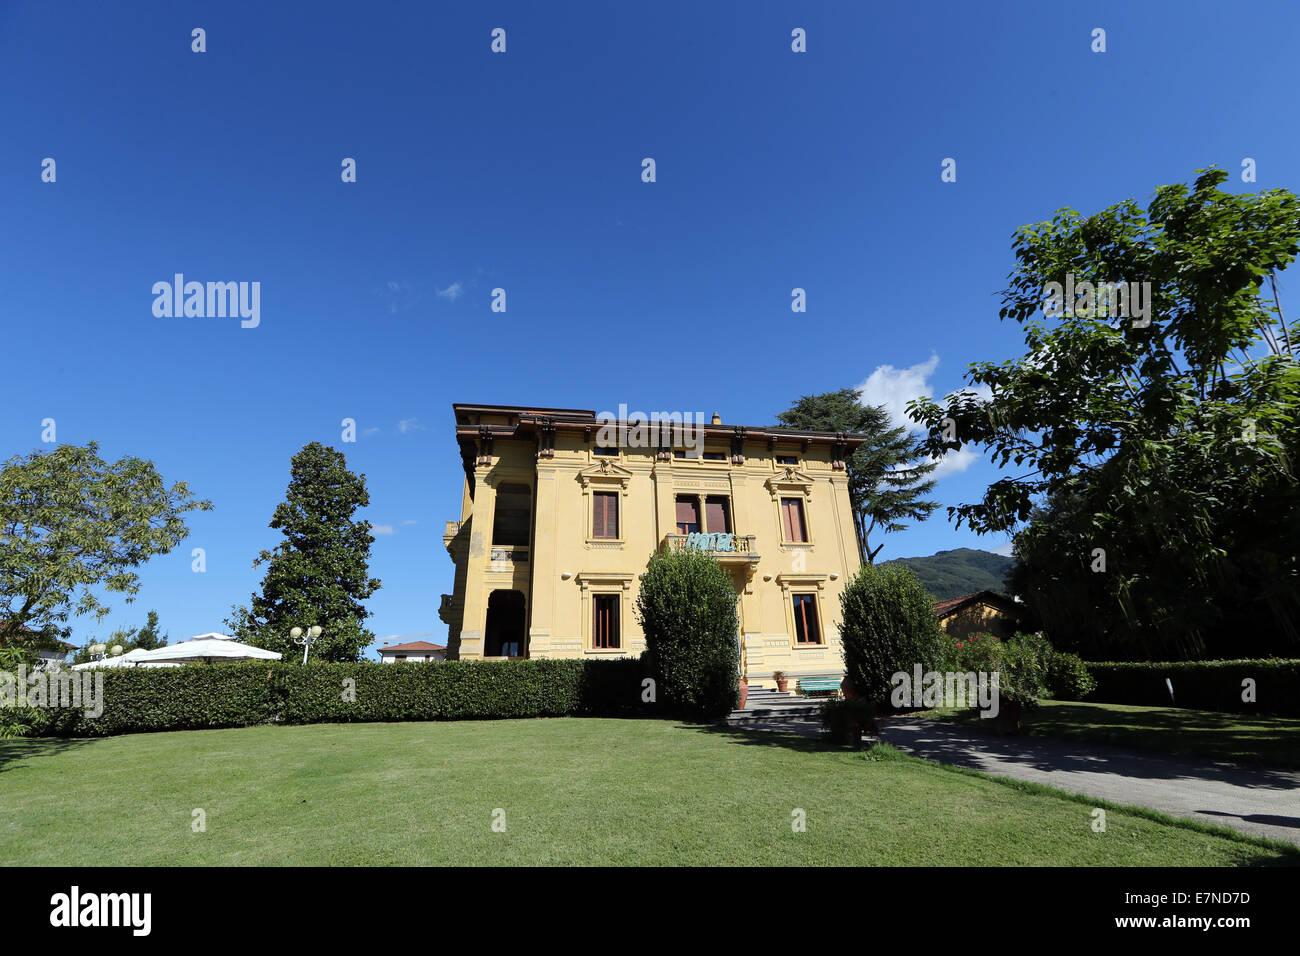 Hotel Villa Moorings, Barga, Tuscany, Italy - Stock Image